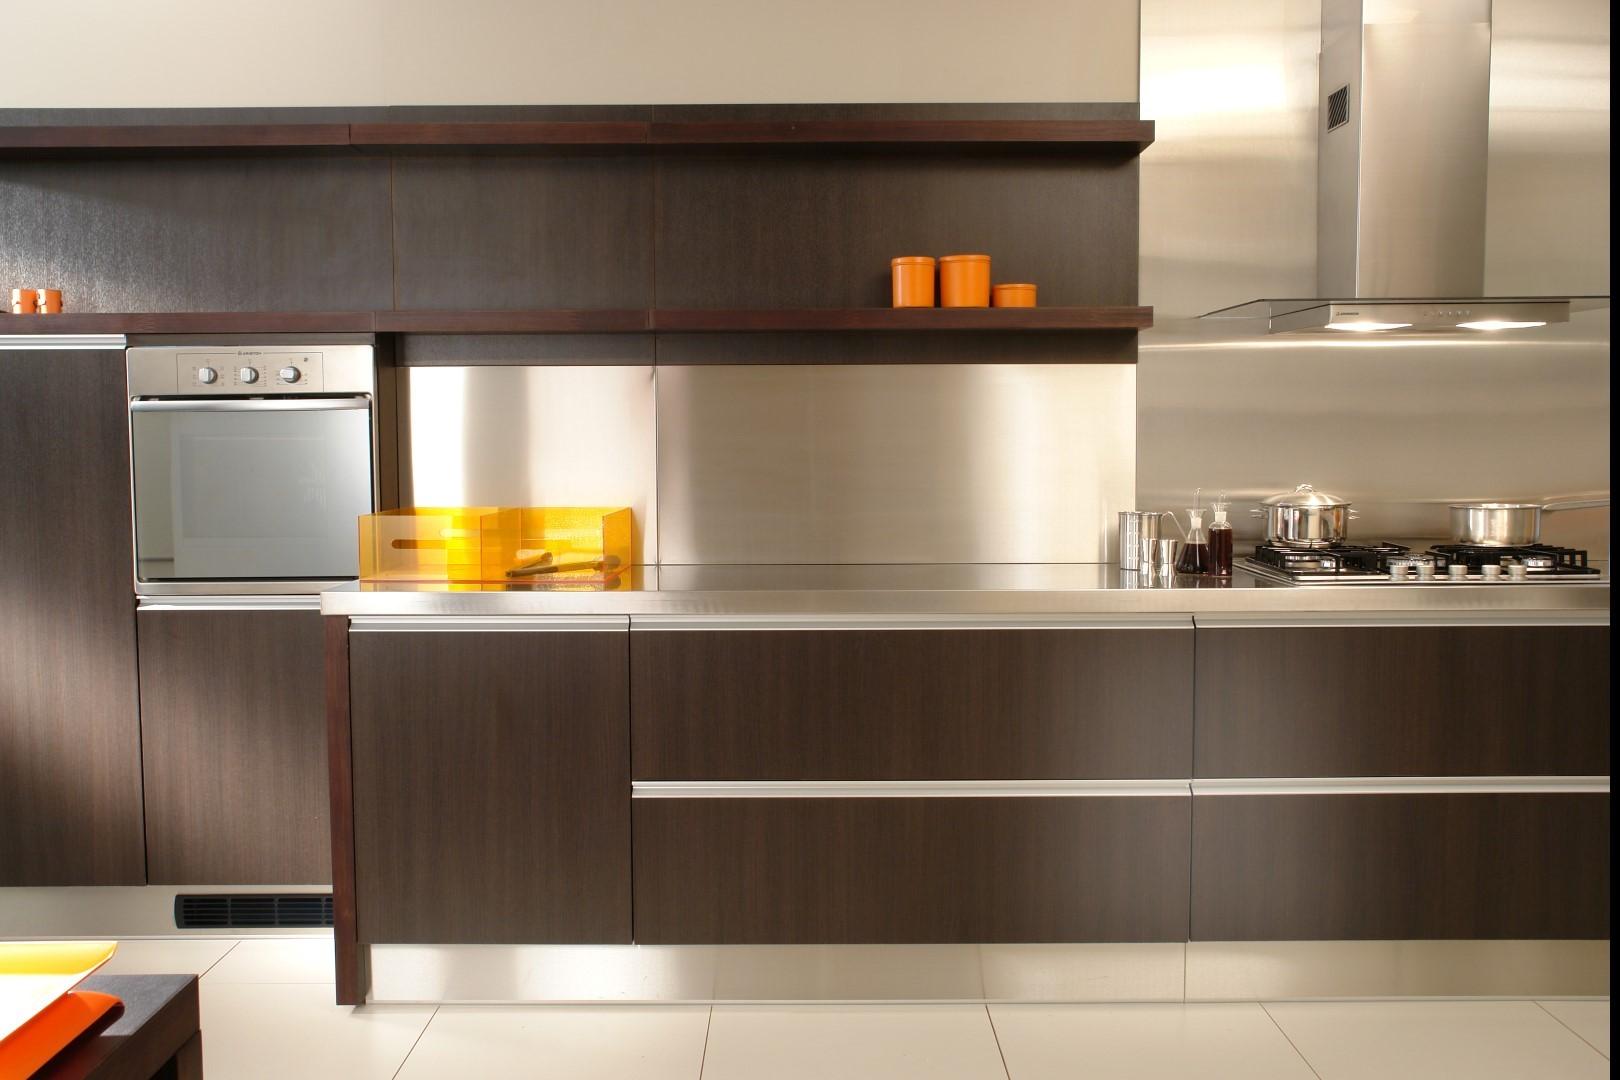 Federici Muebles De Cocina - Revista Estilo Propio Arquitectura Y Dise O Arte Y Decoracion[mjhdah]https://www.revistaestilopropio.com/wp-content/uploads/2017/08/68-e1434643539829.jpg